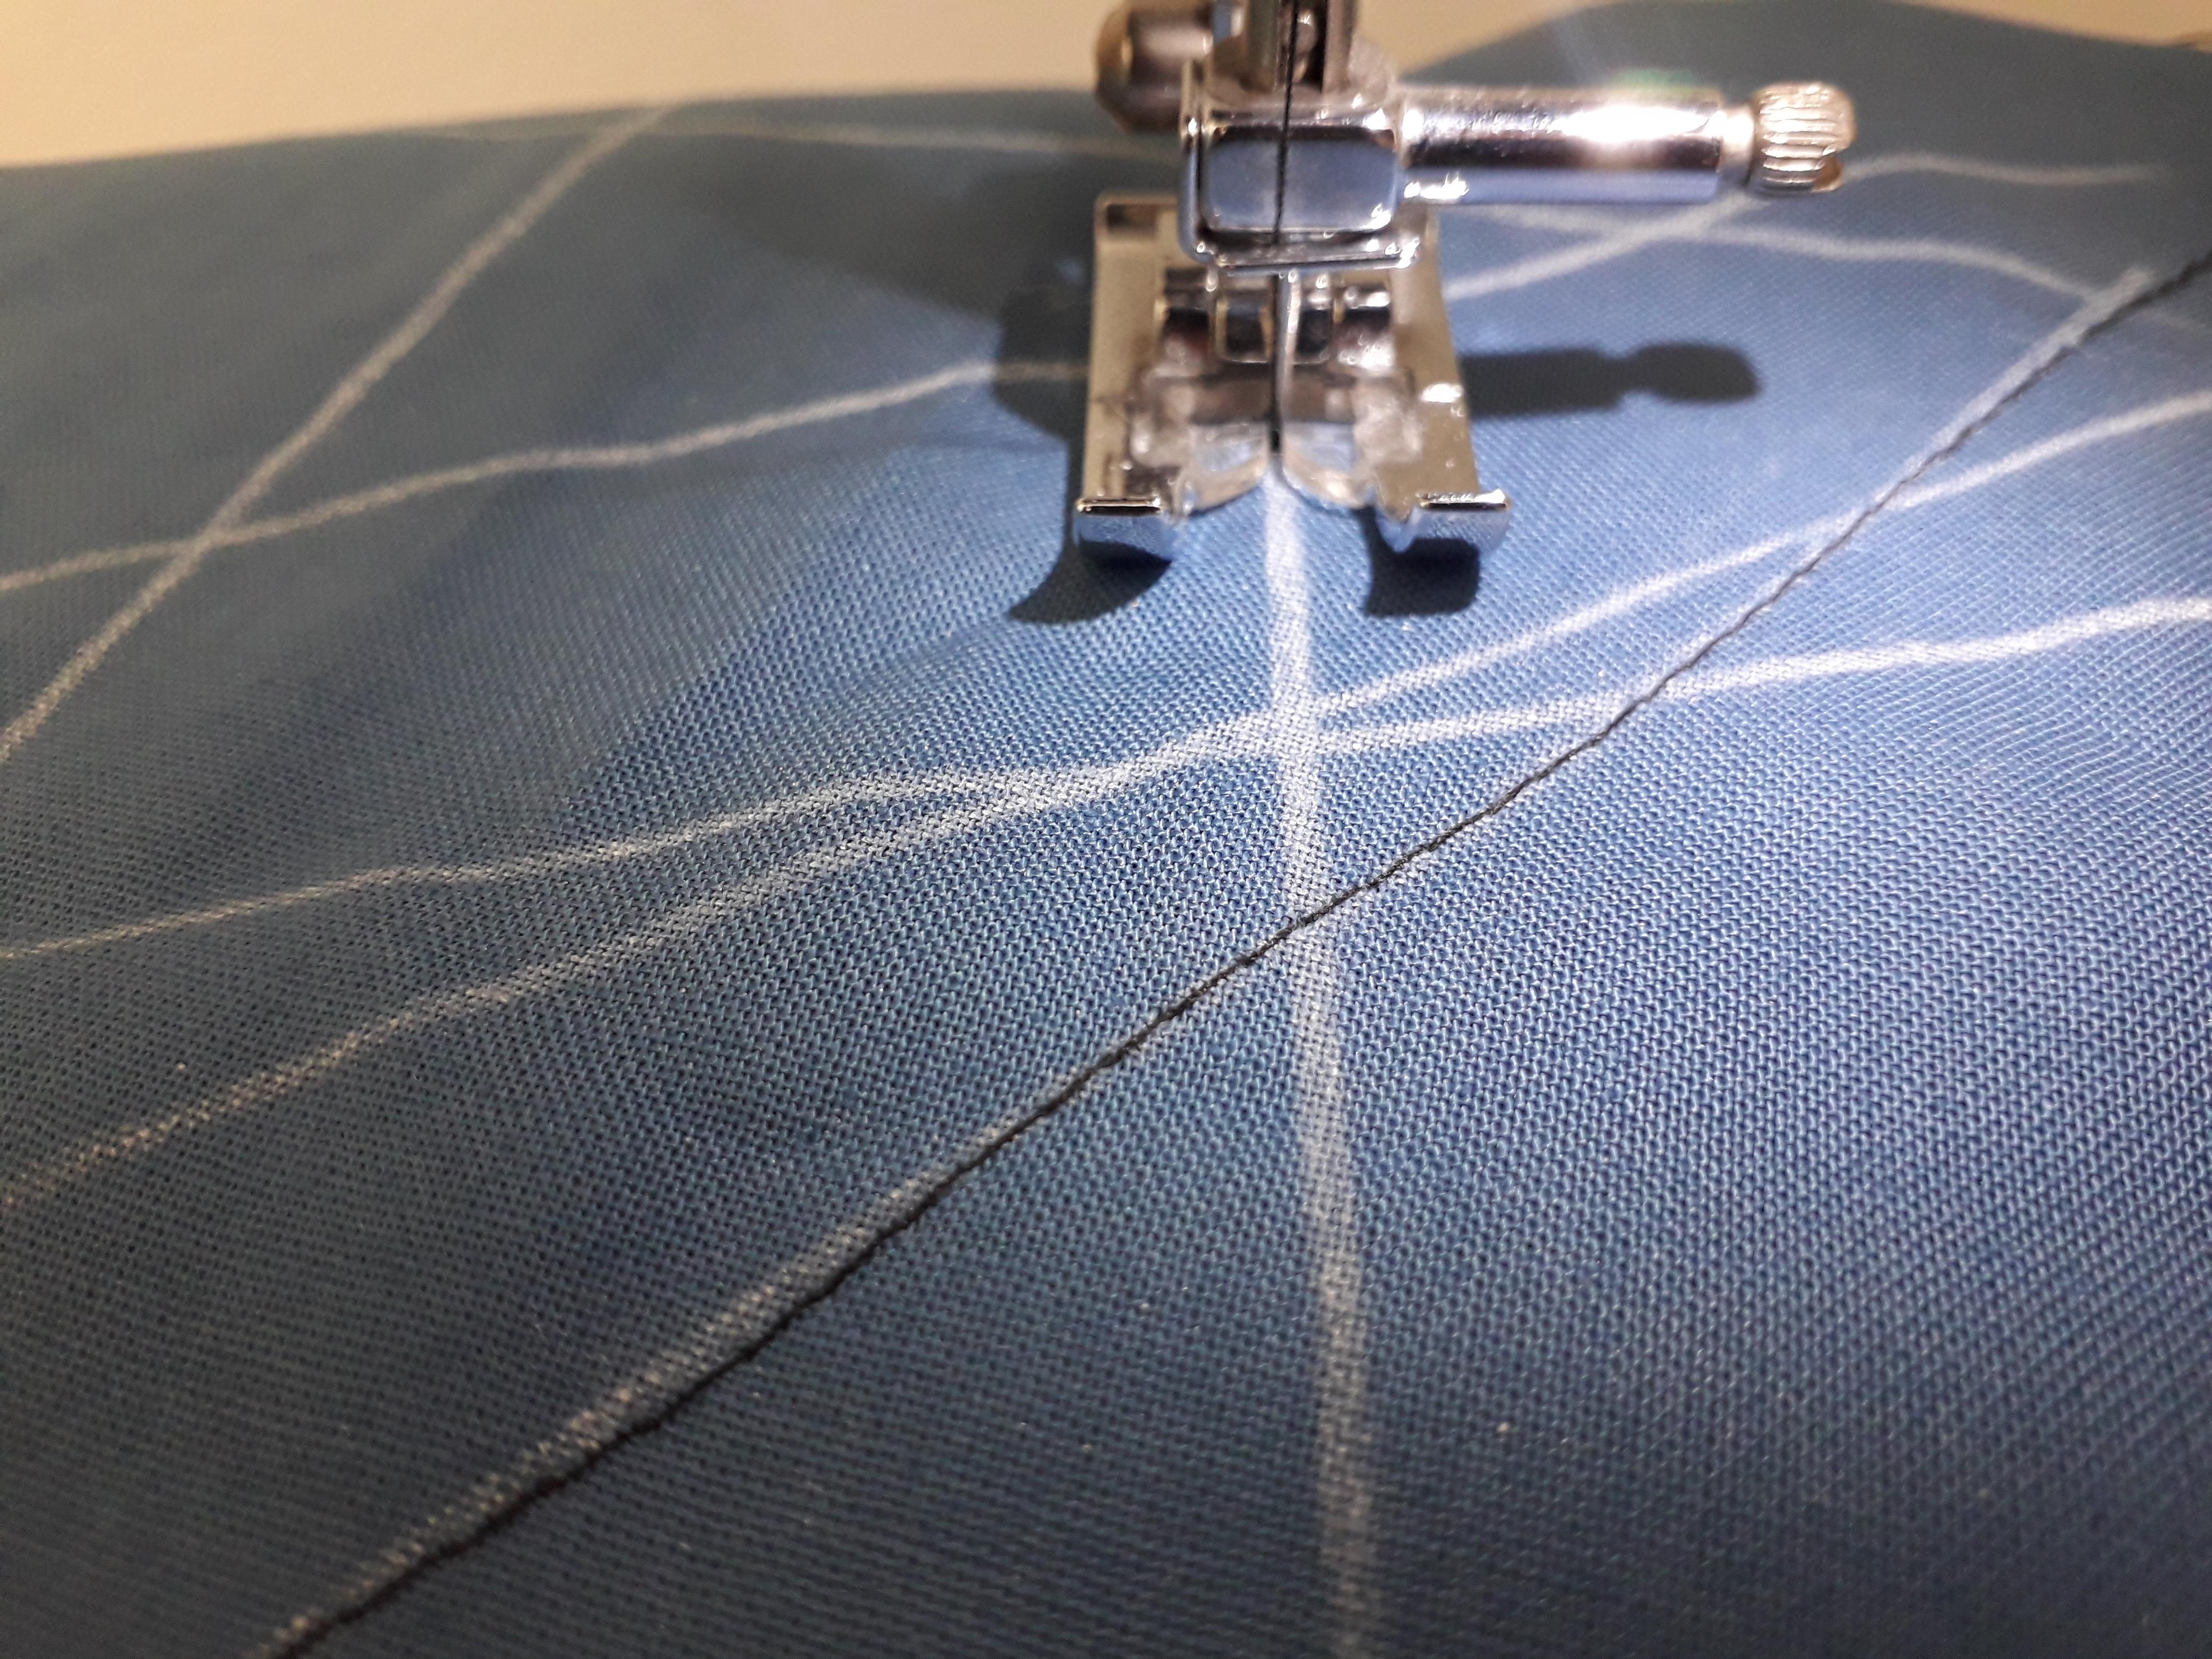 Tuto gratuit couture coudre droit avec une machine à coudre